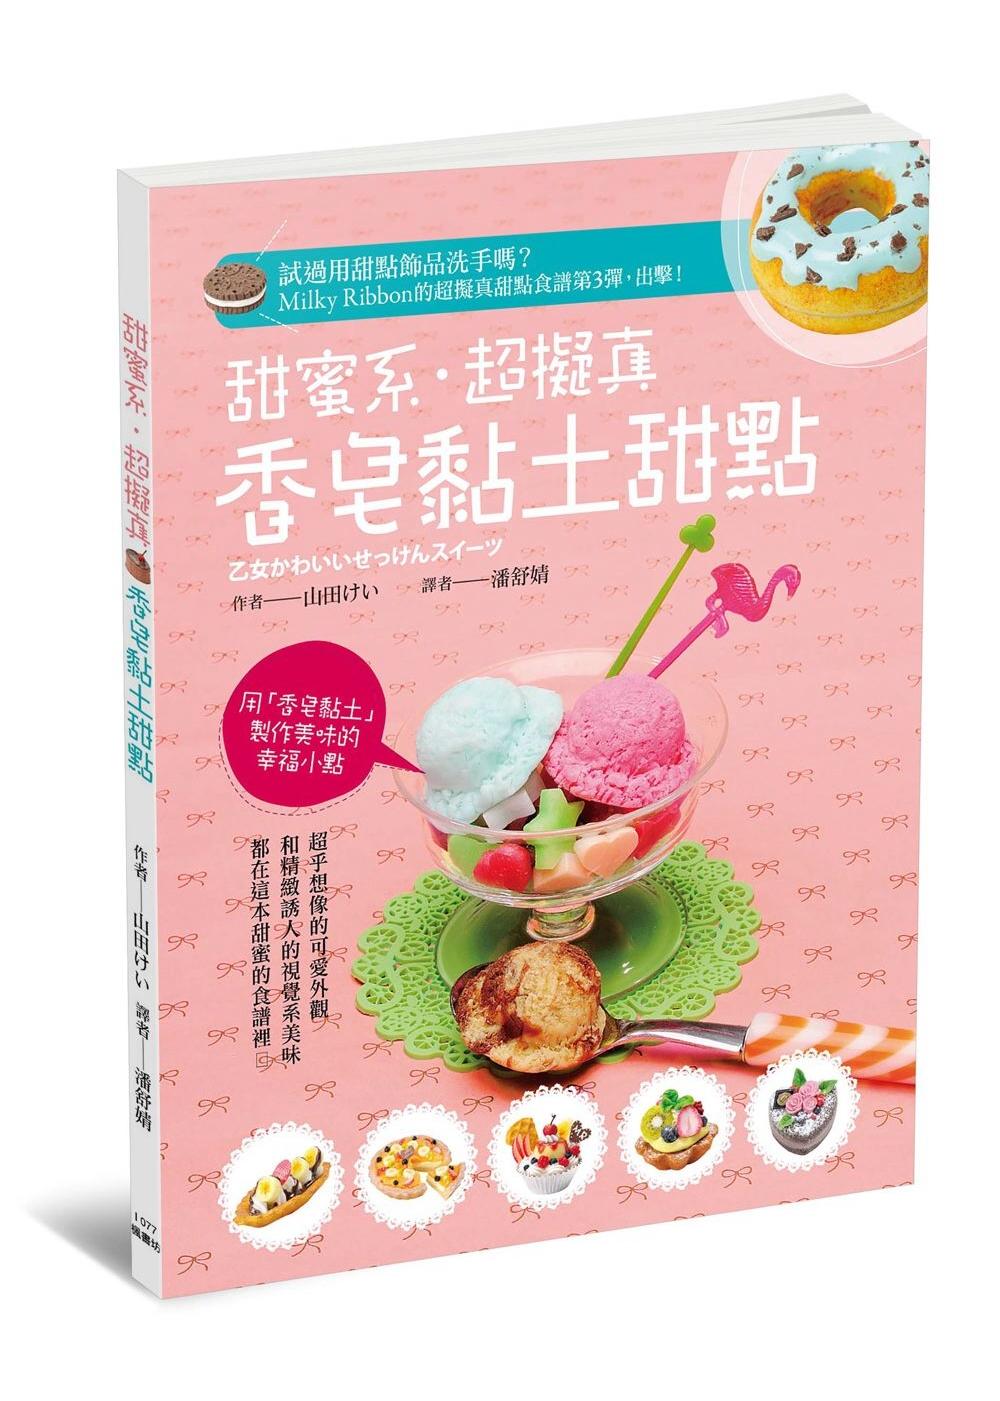 甜蜜系 超擬真 香皂黏土甜點